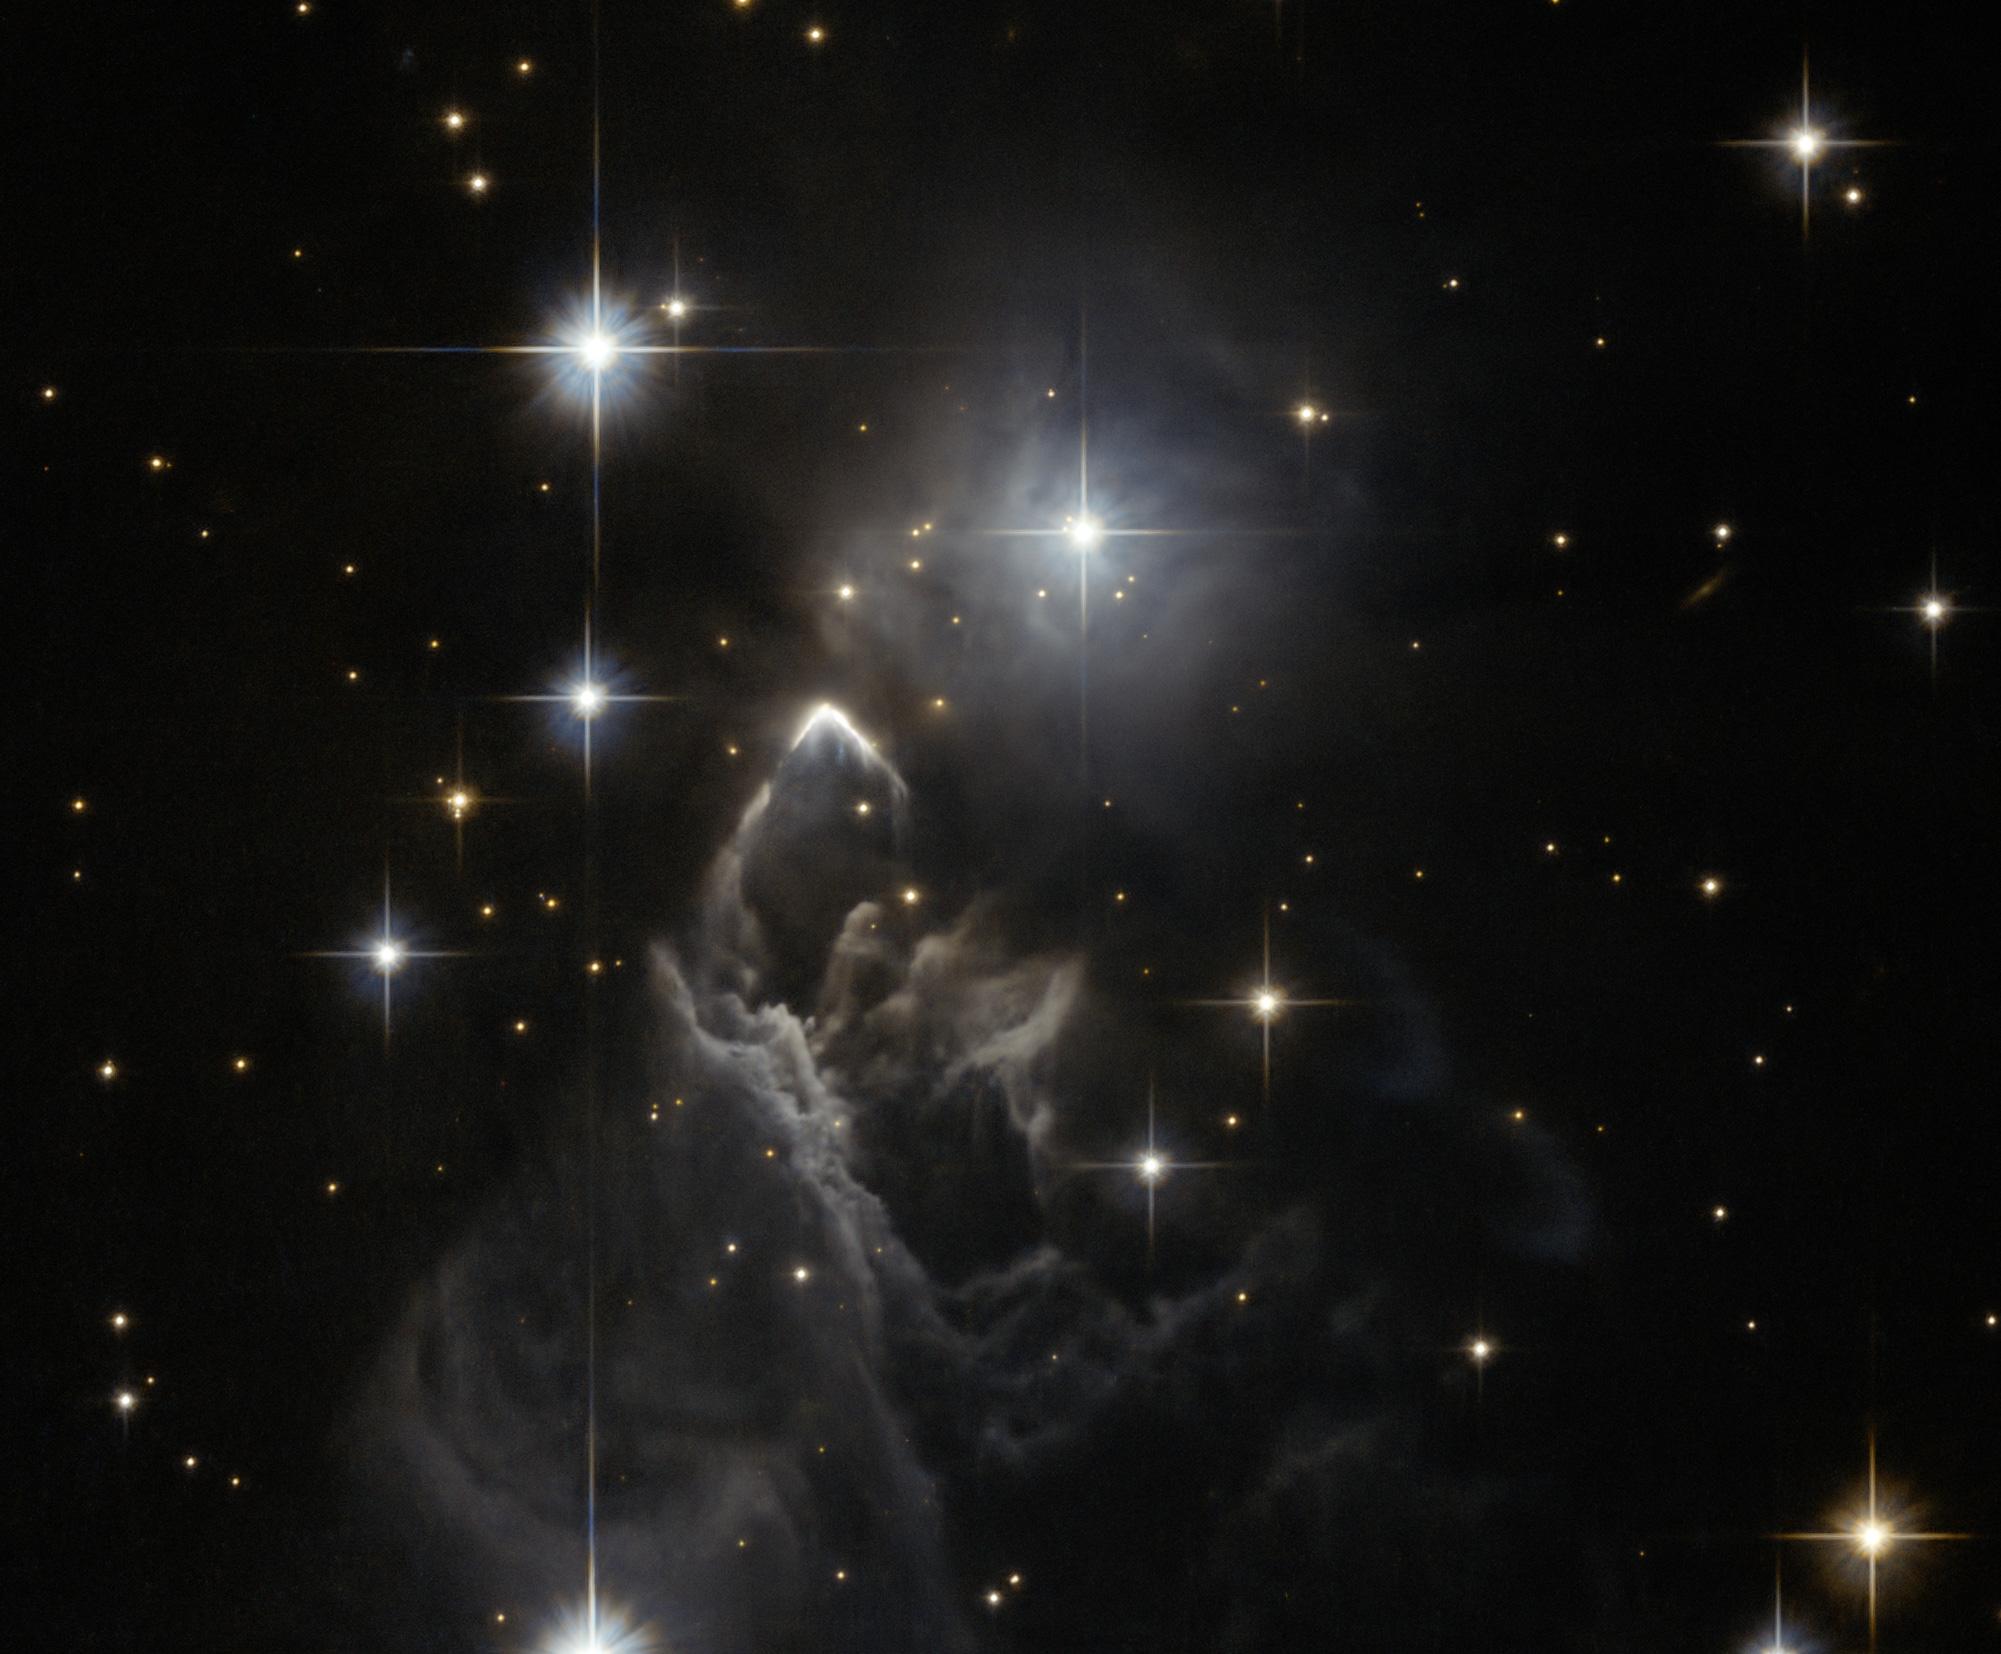 Nebula in Taurus